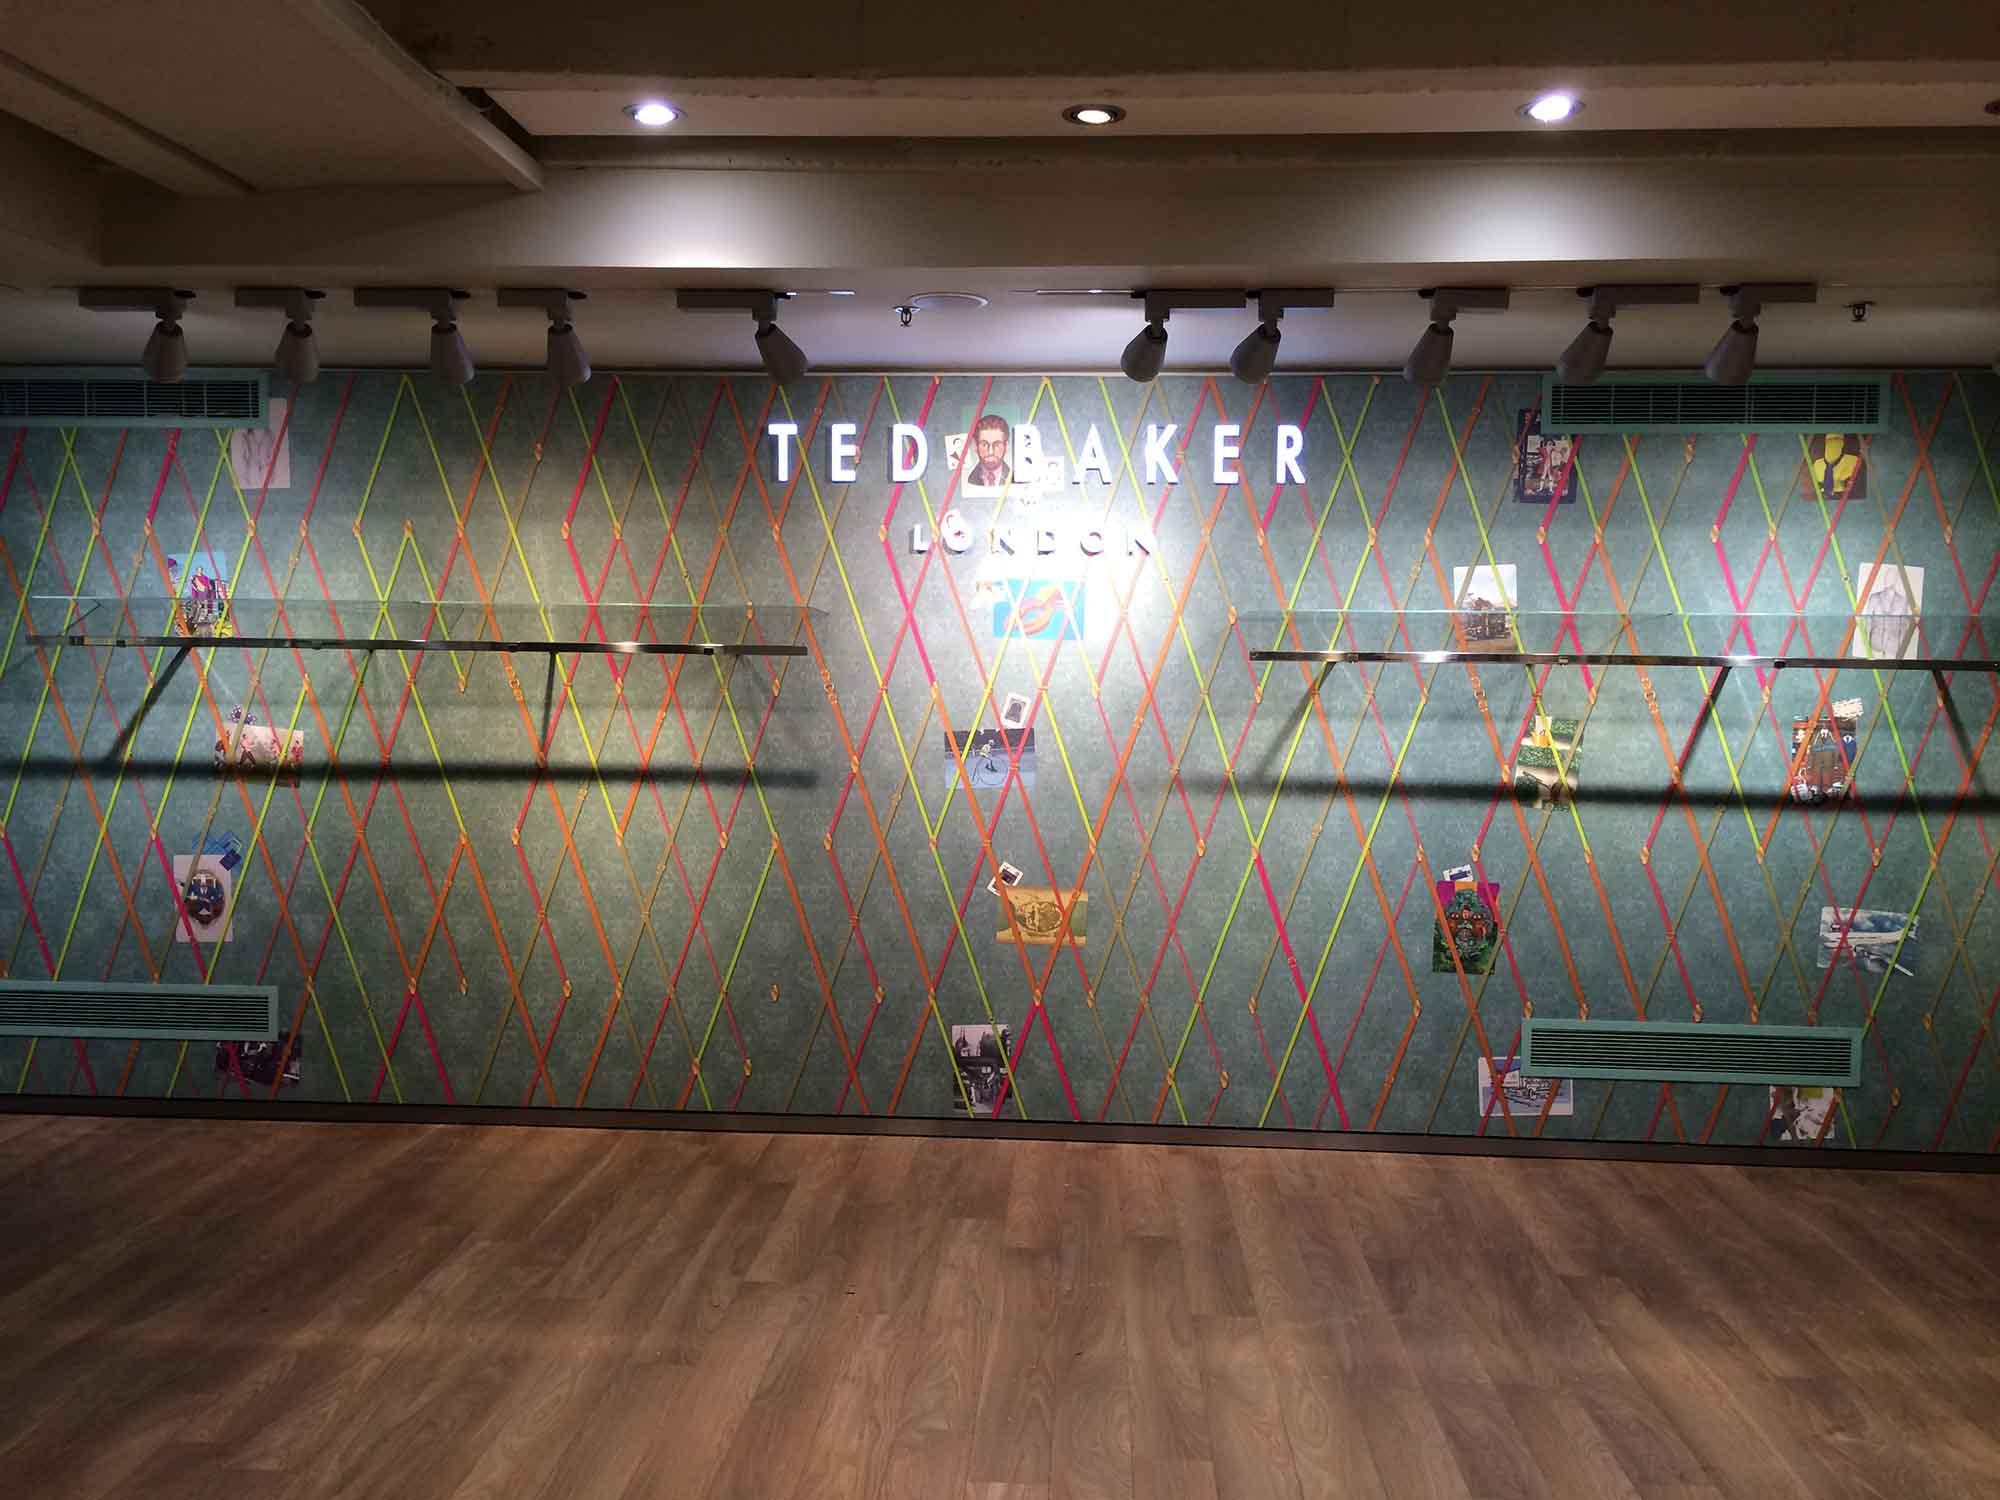 Ted Baker 3